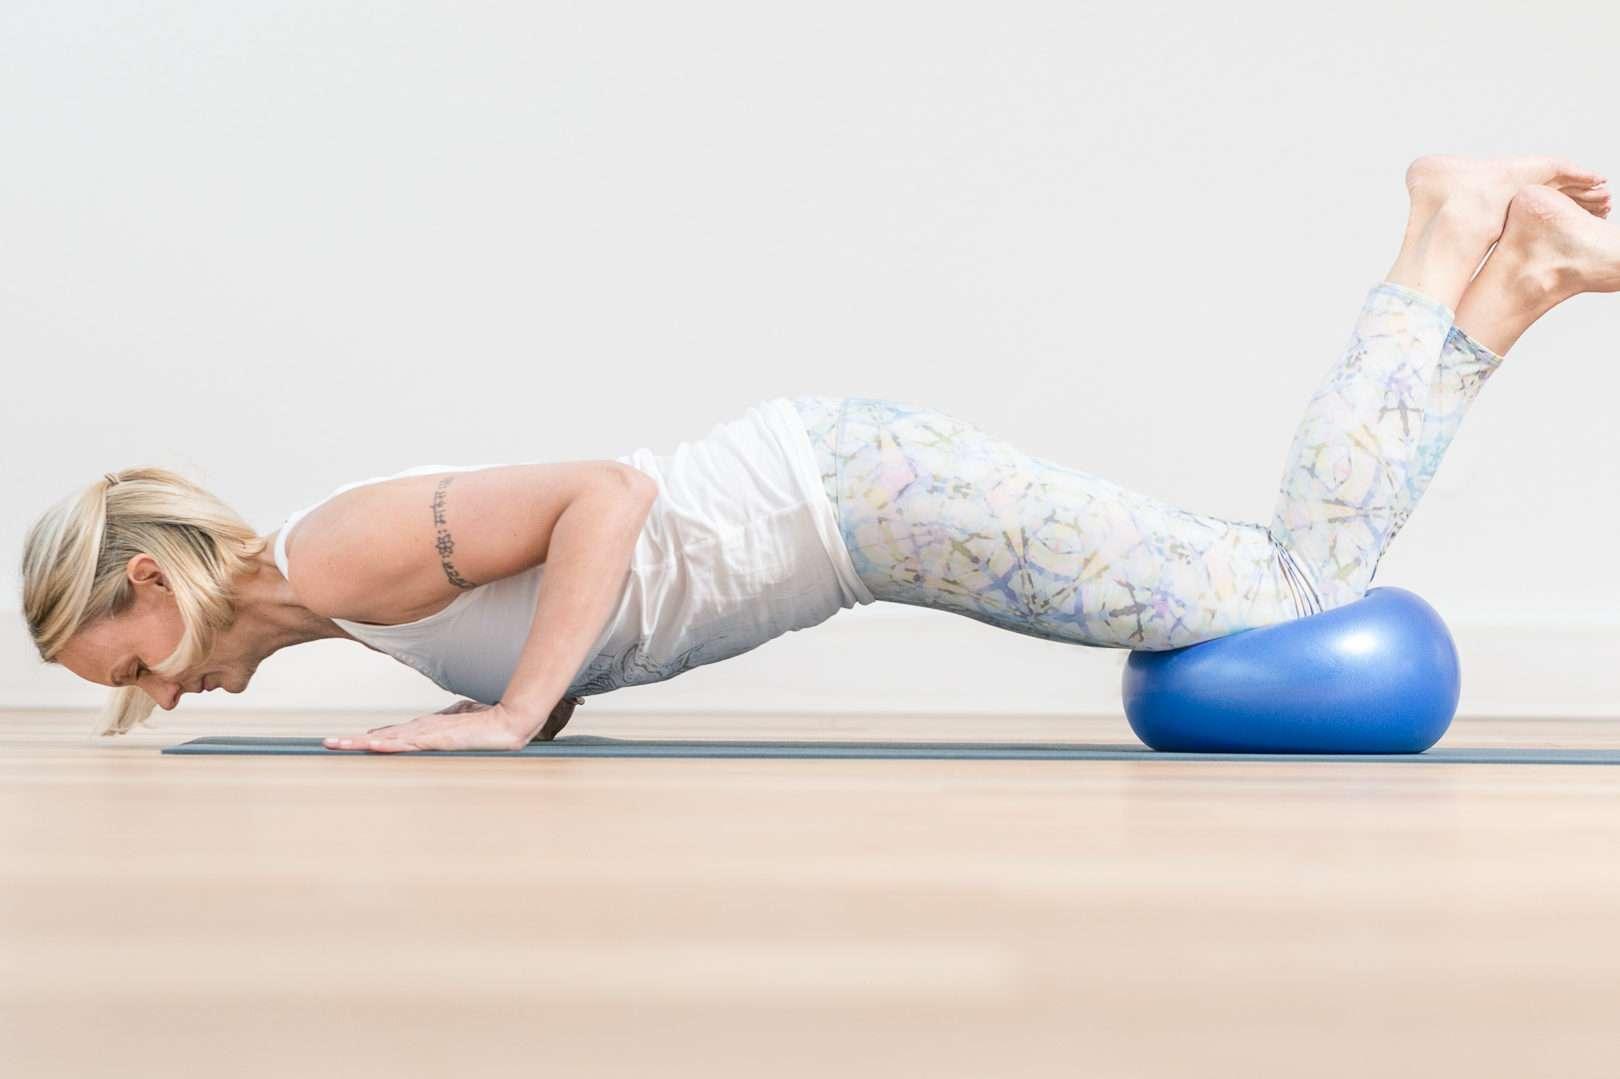 Achtsame Fitnessübung mit dem eigenen Körpergewicht und einem Gymnastikball